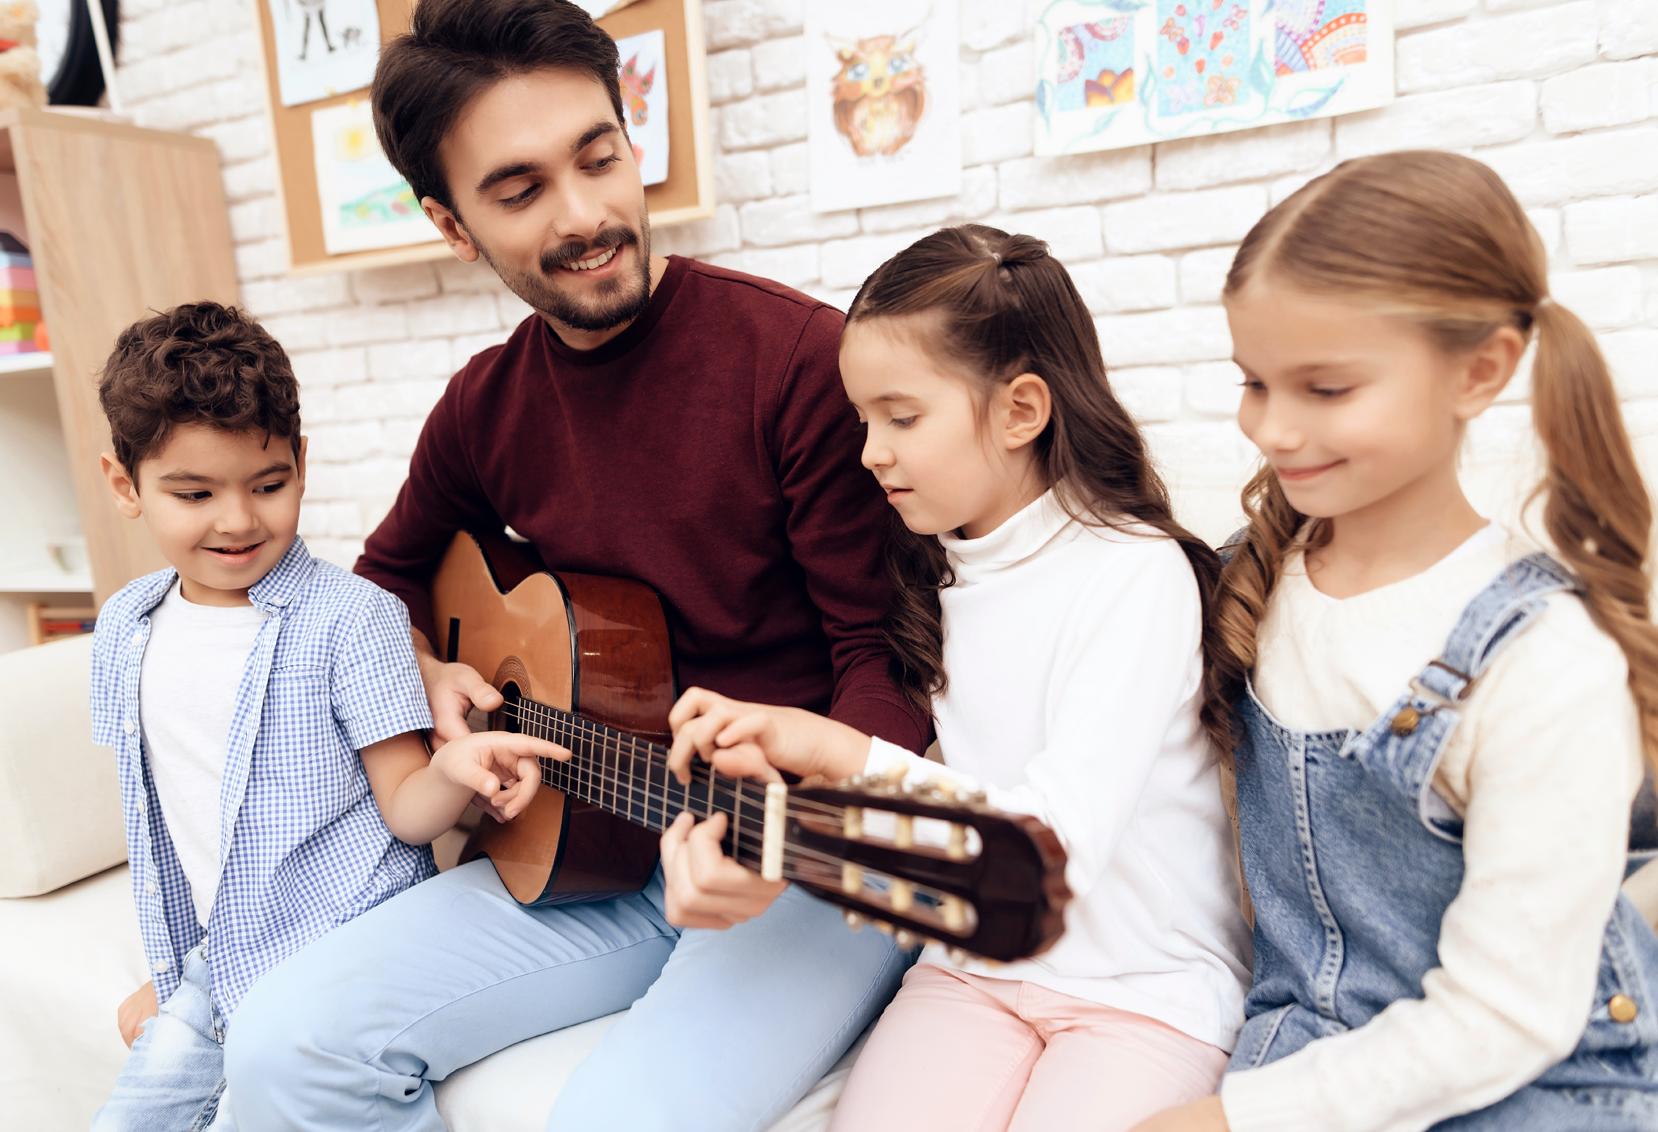 Importância Da Música No Processo Ensino-aprendizagem